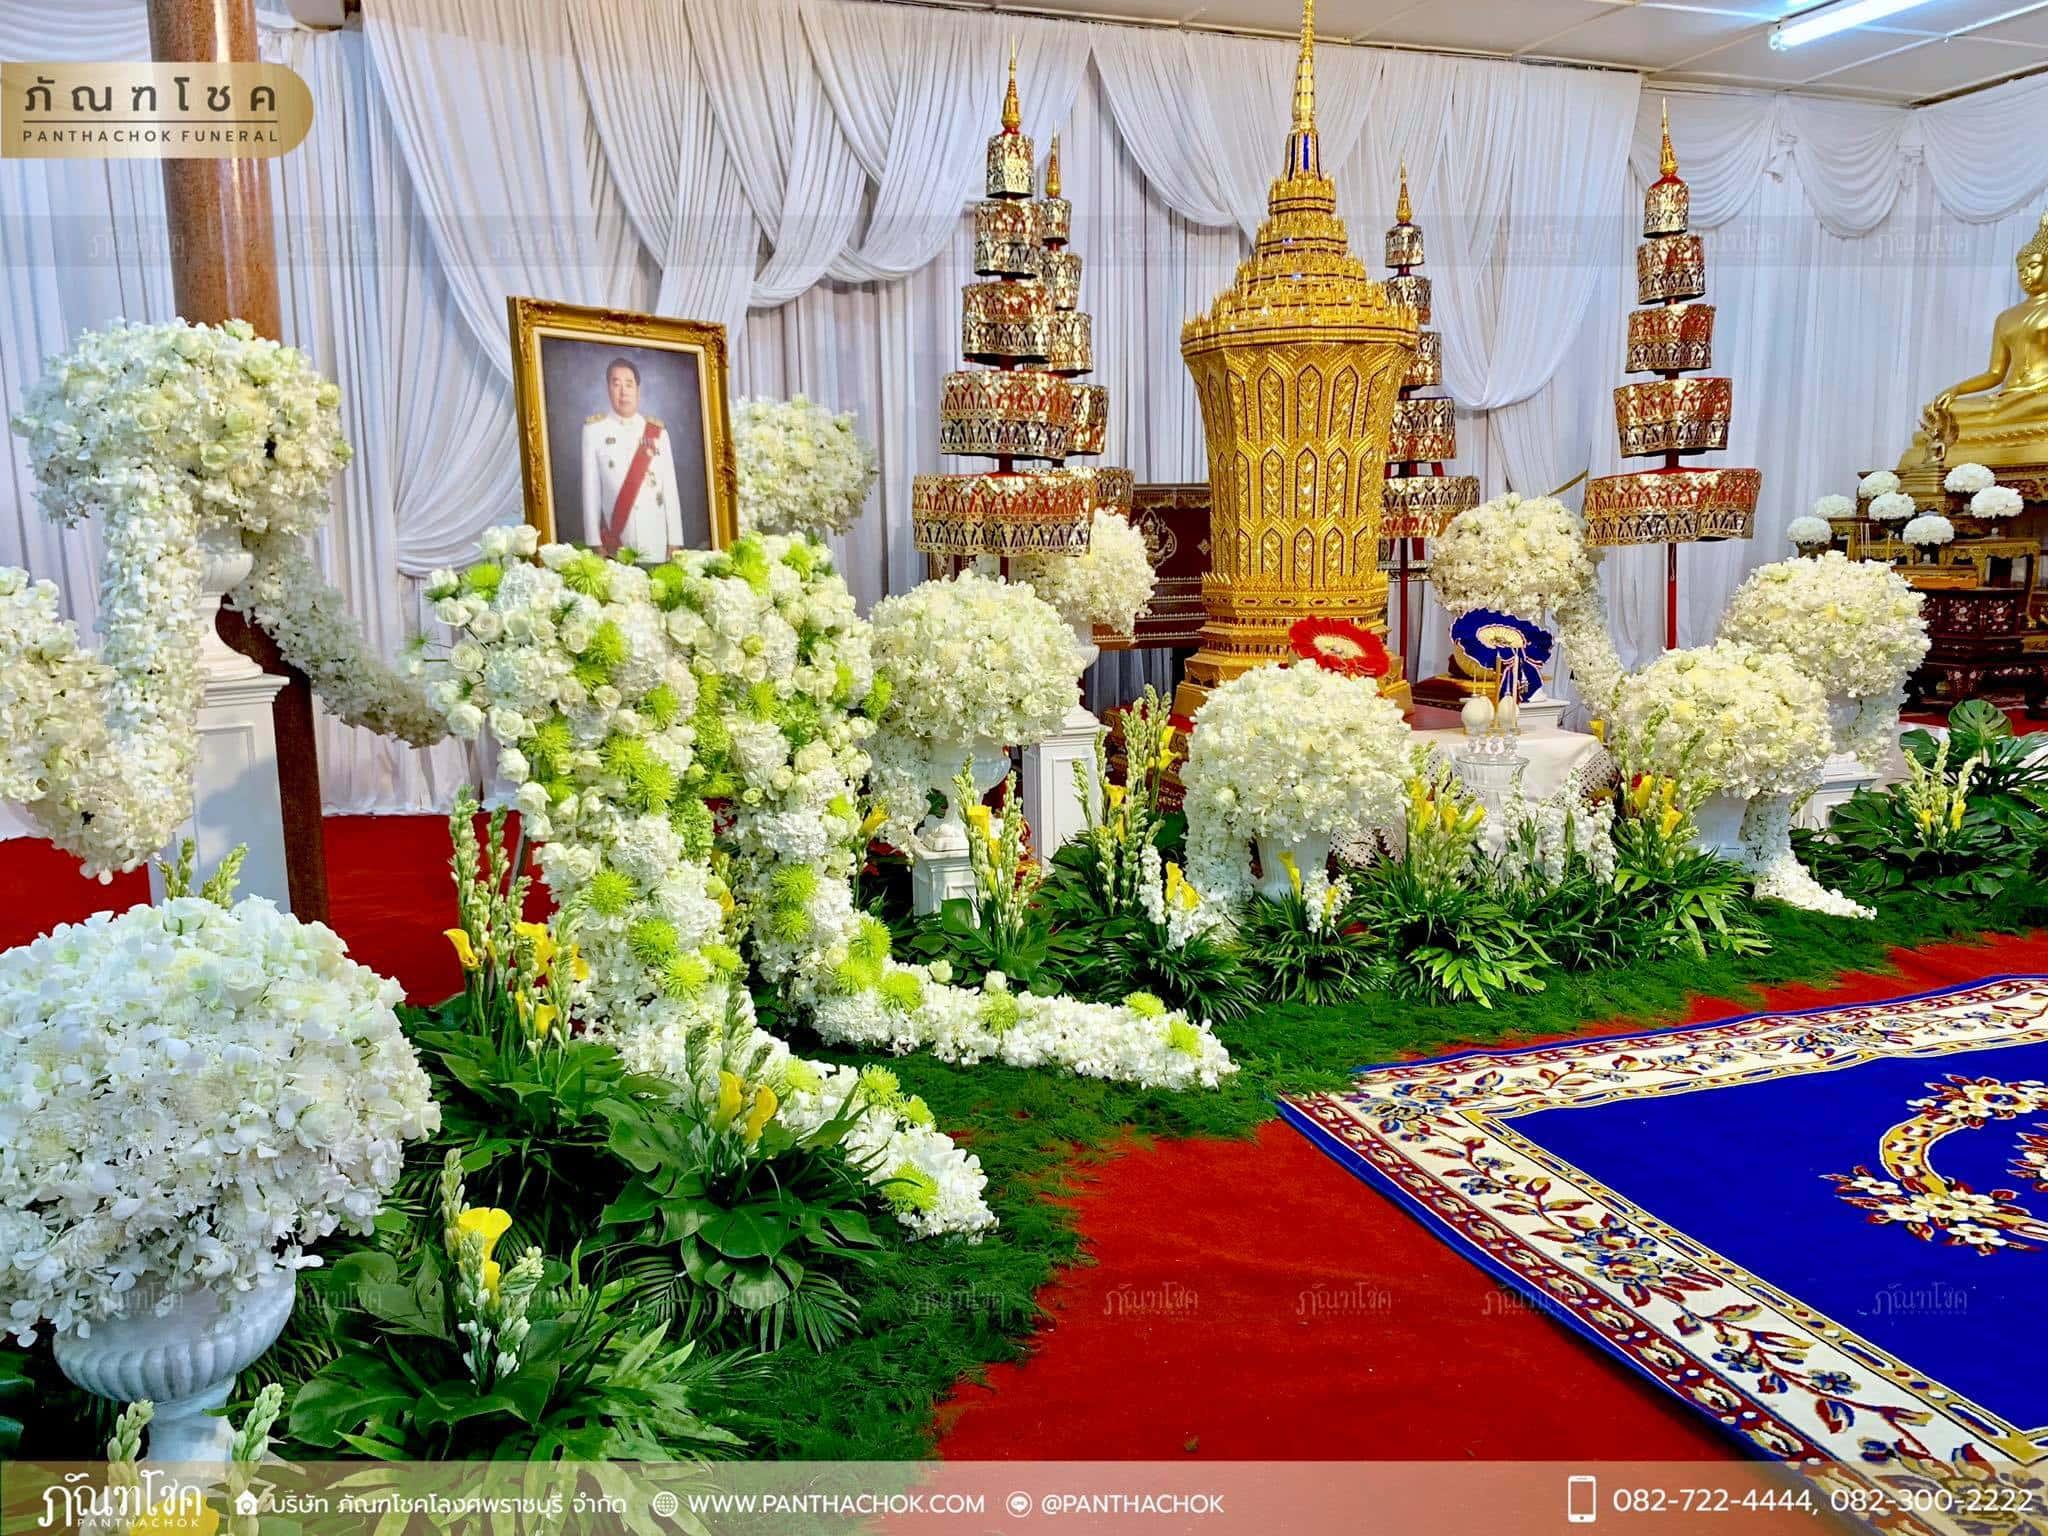 ดอกไม้ประดับหน้าโกศ อดีตผู้ว่าราชการจังหวัดราชบุรี 8